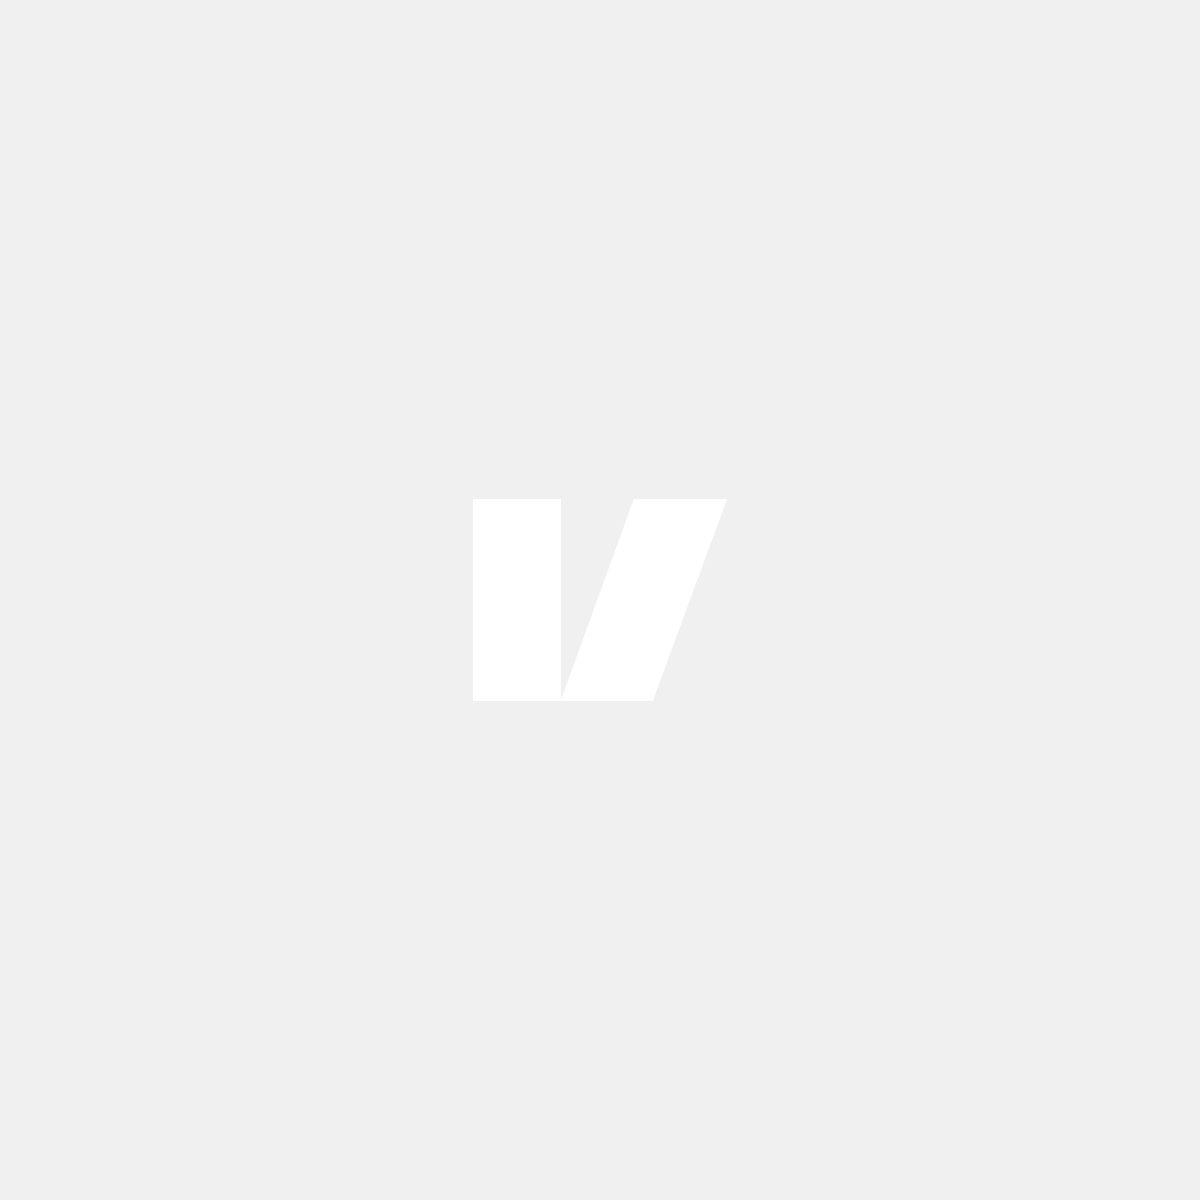 Handbromsexpander till Volvo 740, 850, S70, V70, 940, 960, S90, V90